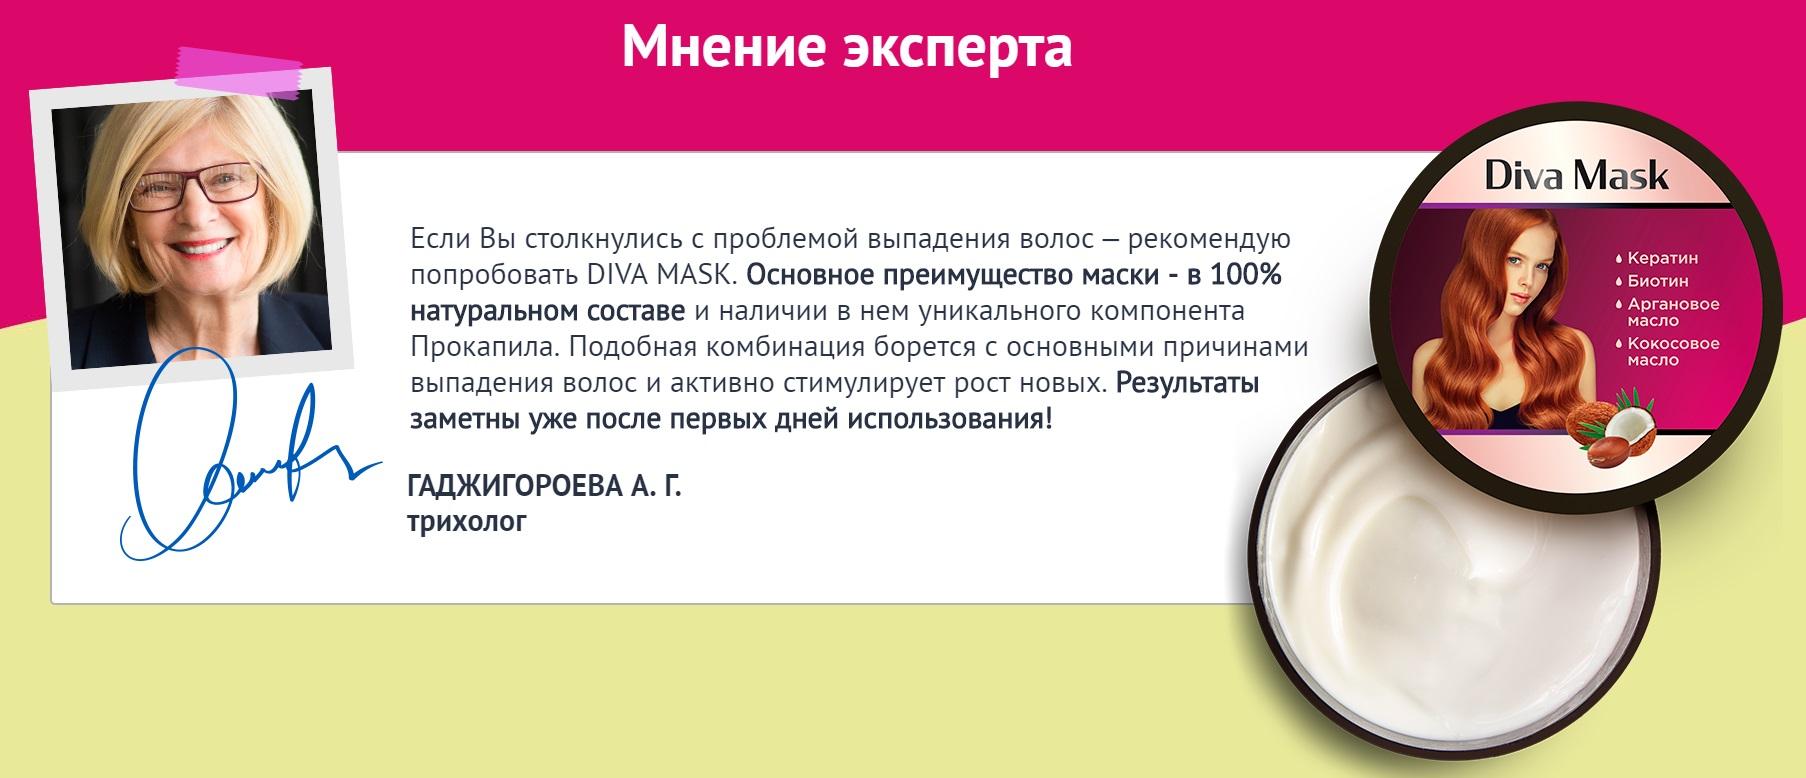 Мнение эксперта о маске DivaMask